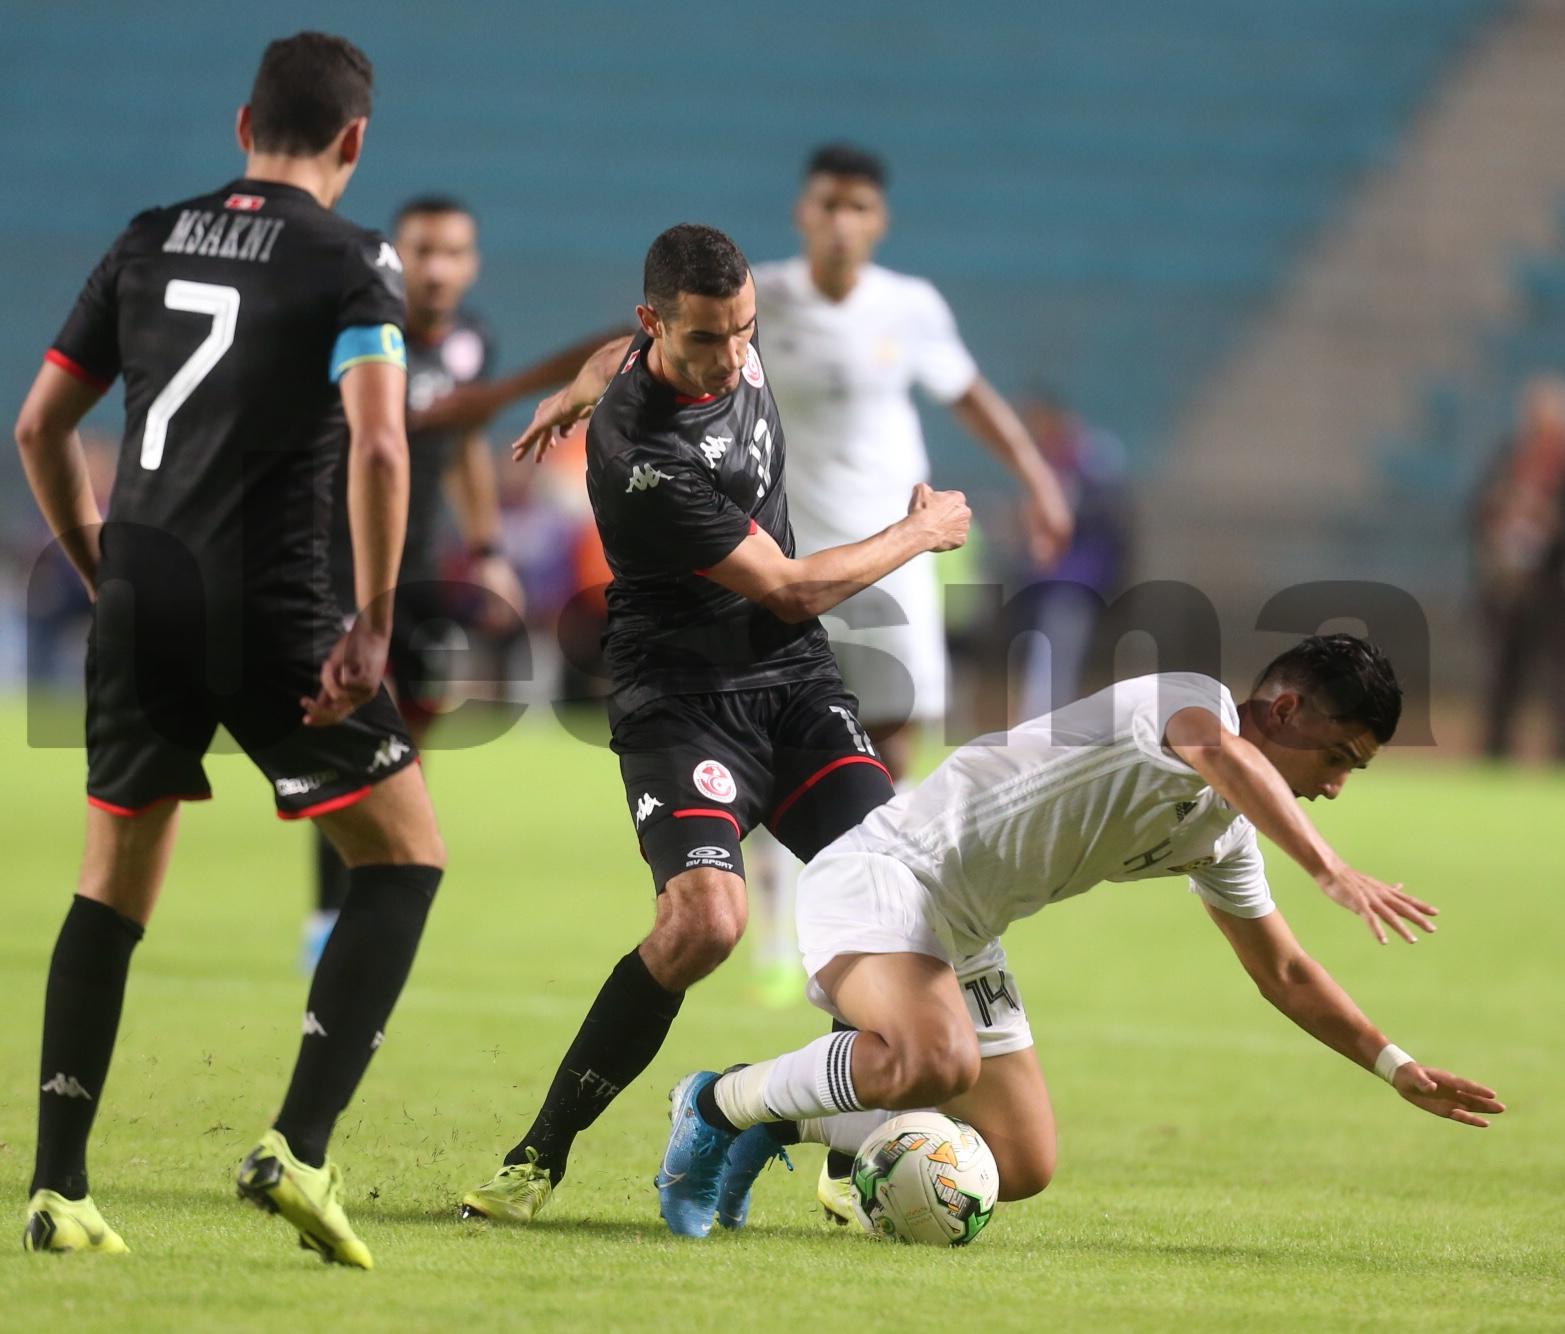 صور الشوط الثاني من مباراة المنتخب الوطني التونسي والمنتخب  الليبي